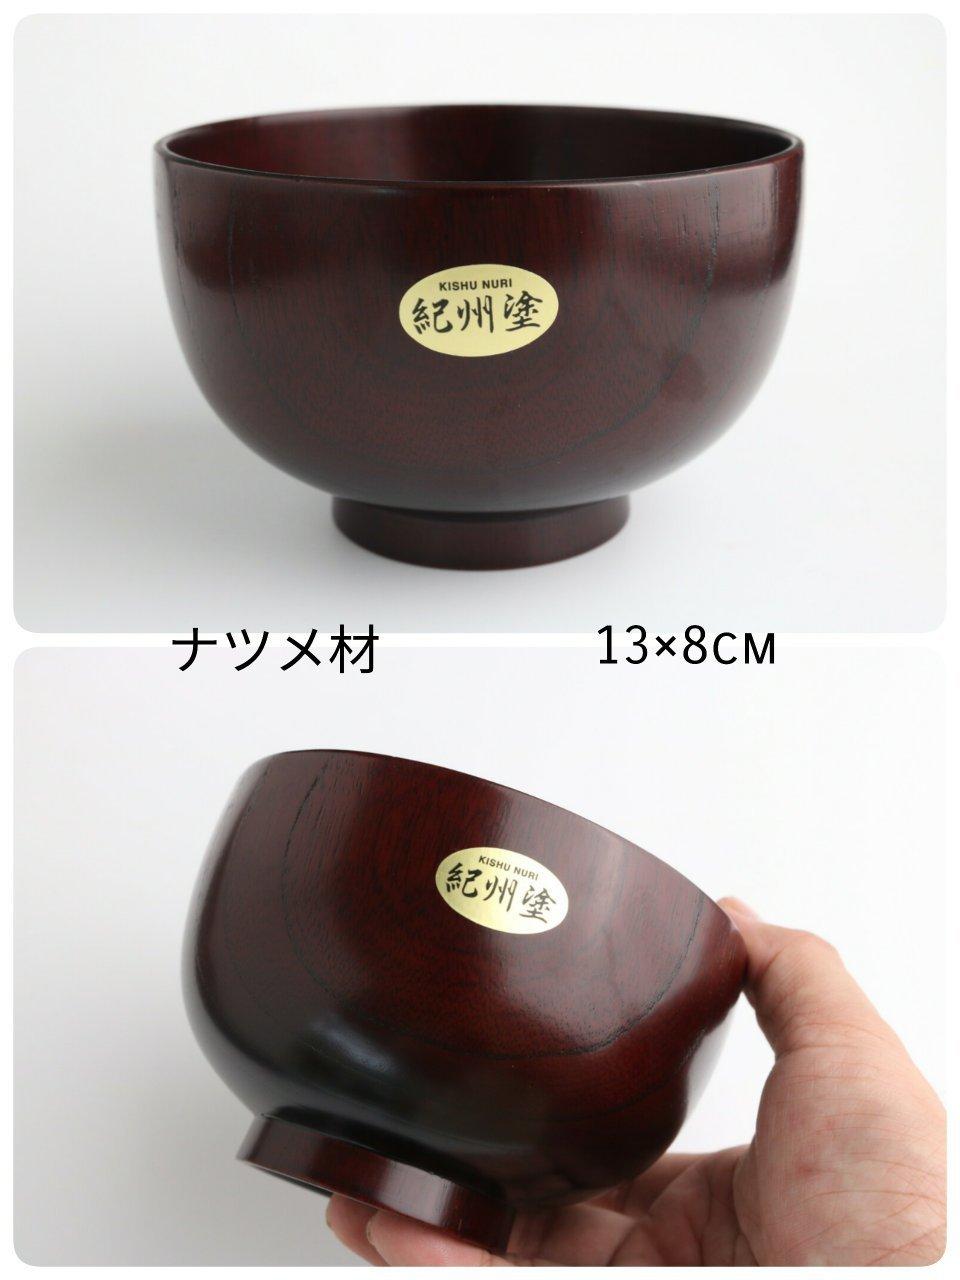 塗り物割引sale_f0255704_11341815.jpg